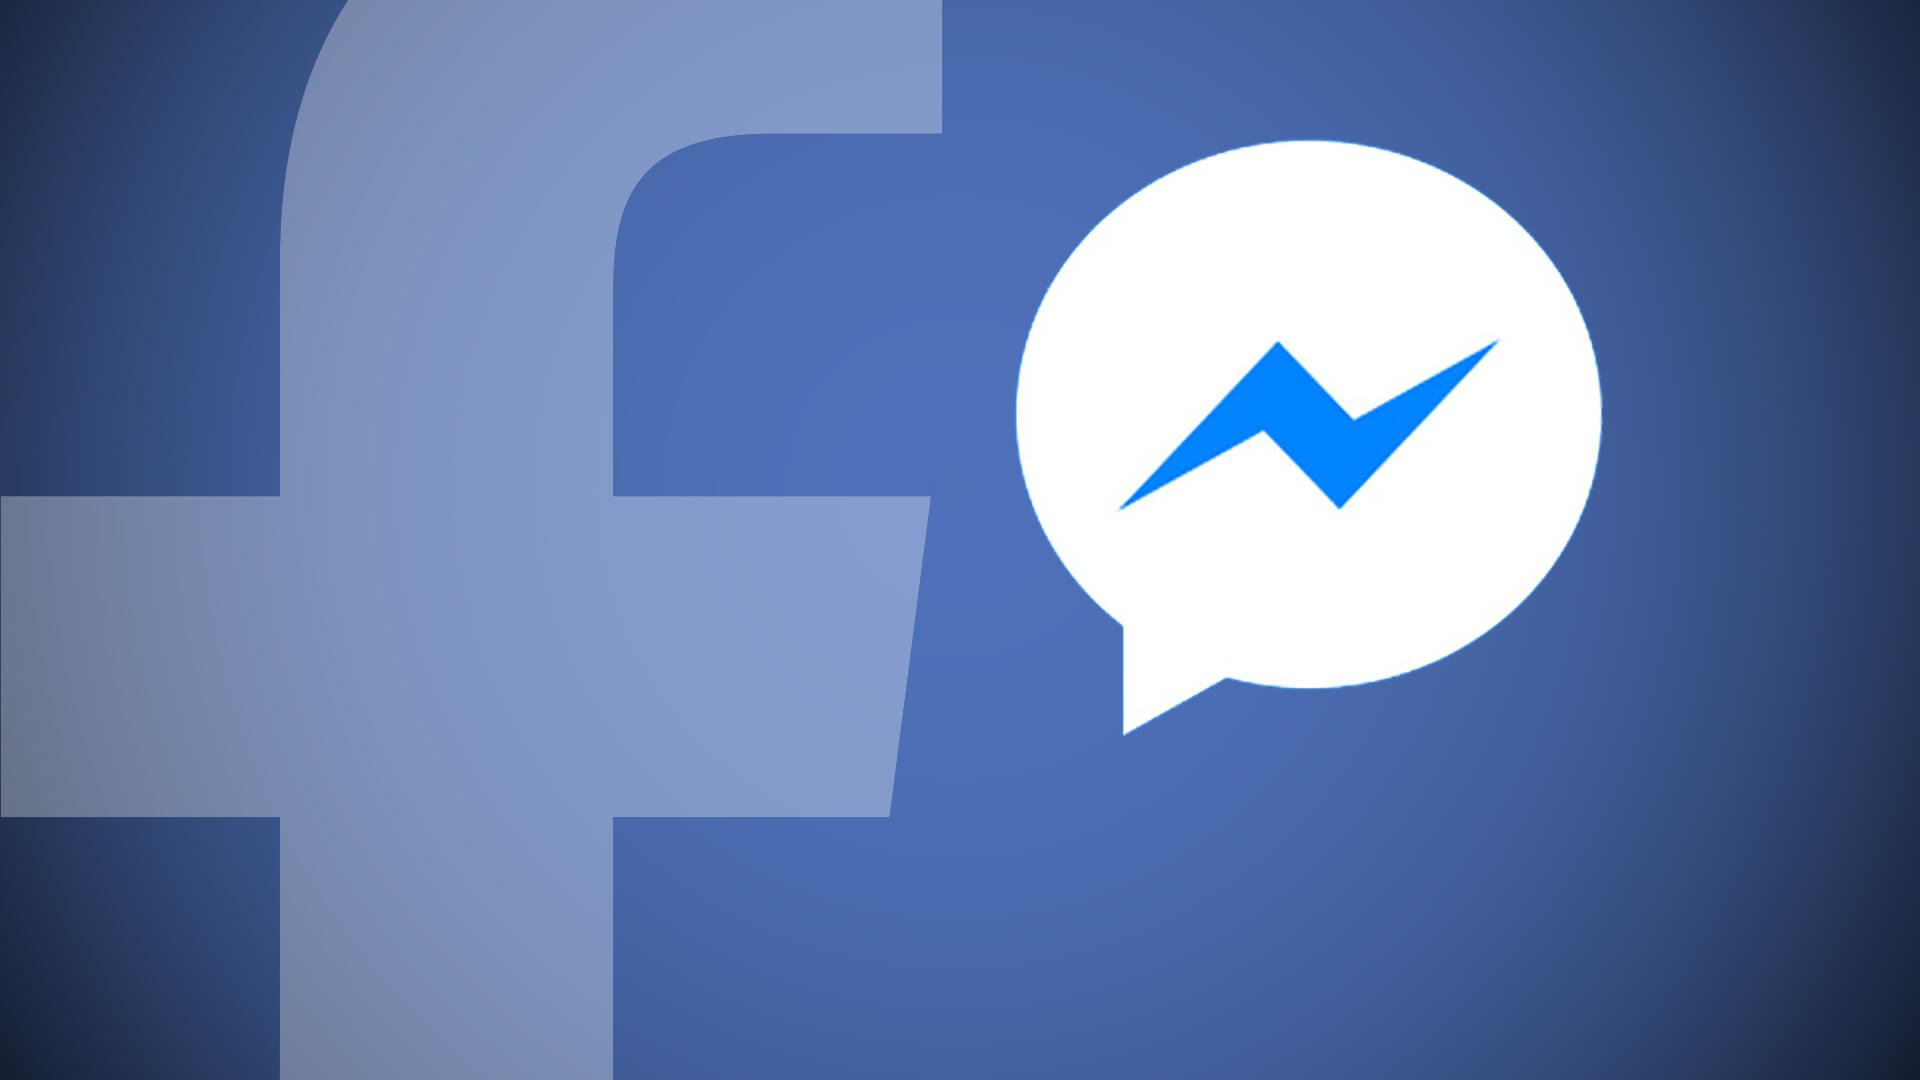 فیسبوک مسنجر برای ویندوز و مک